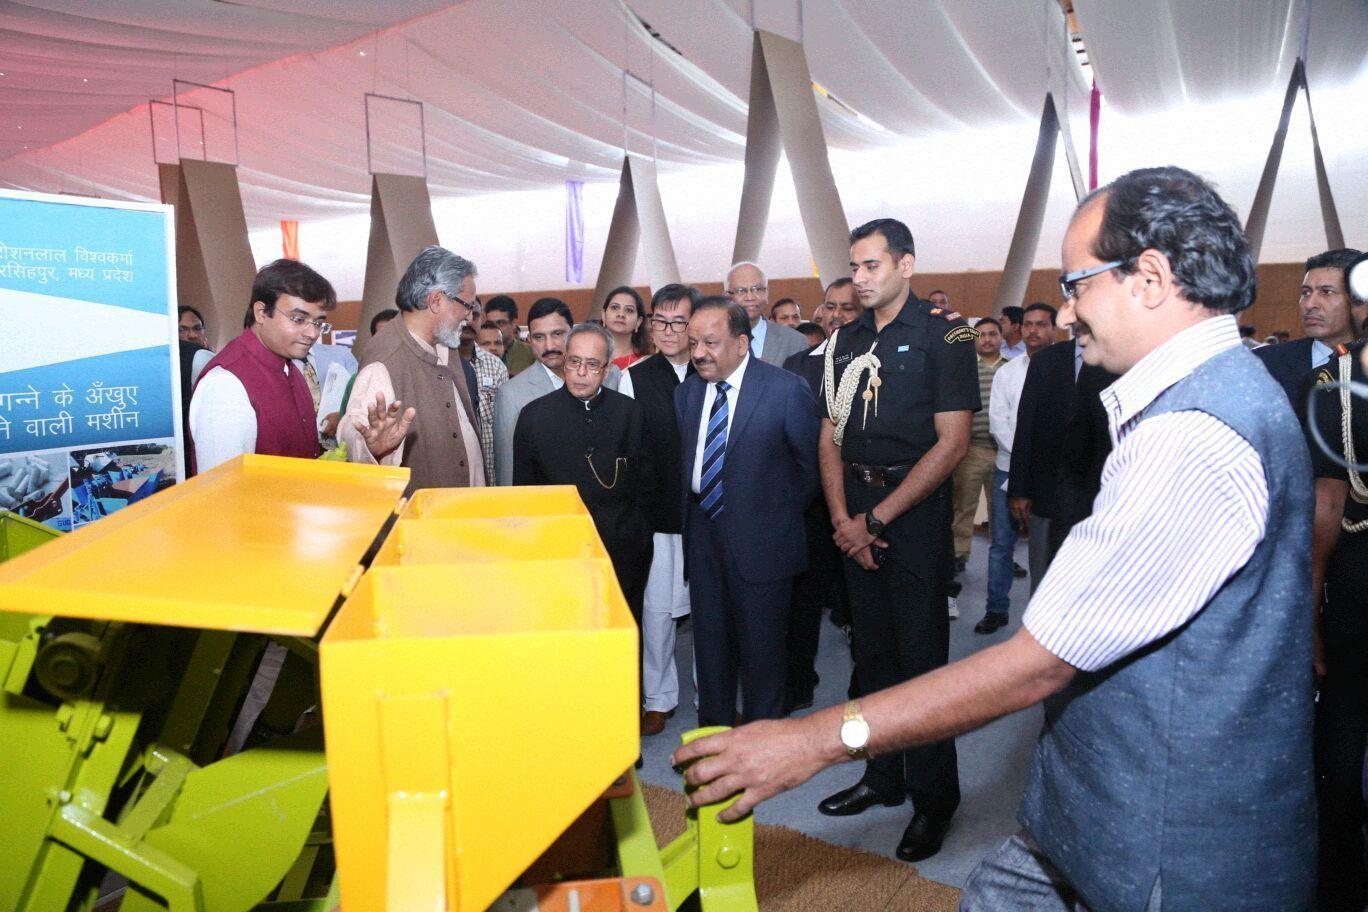 एक्सपो में रोशनलाल की गन्ने की खेती के काम आने वाली मशीन देखते हुए राष्ट्रपति प्रणब मुखर्जी